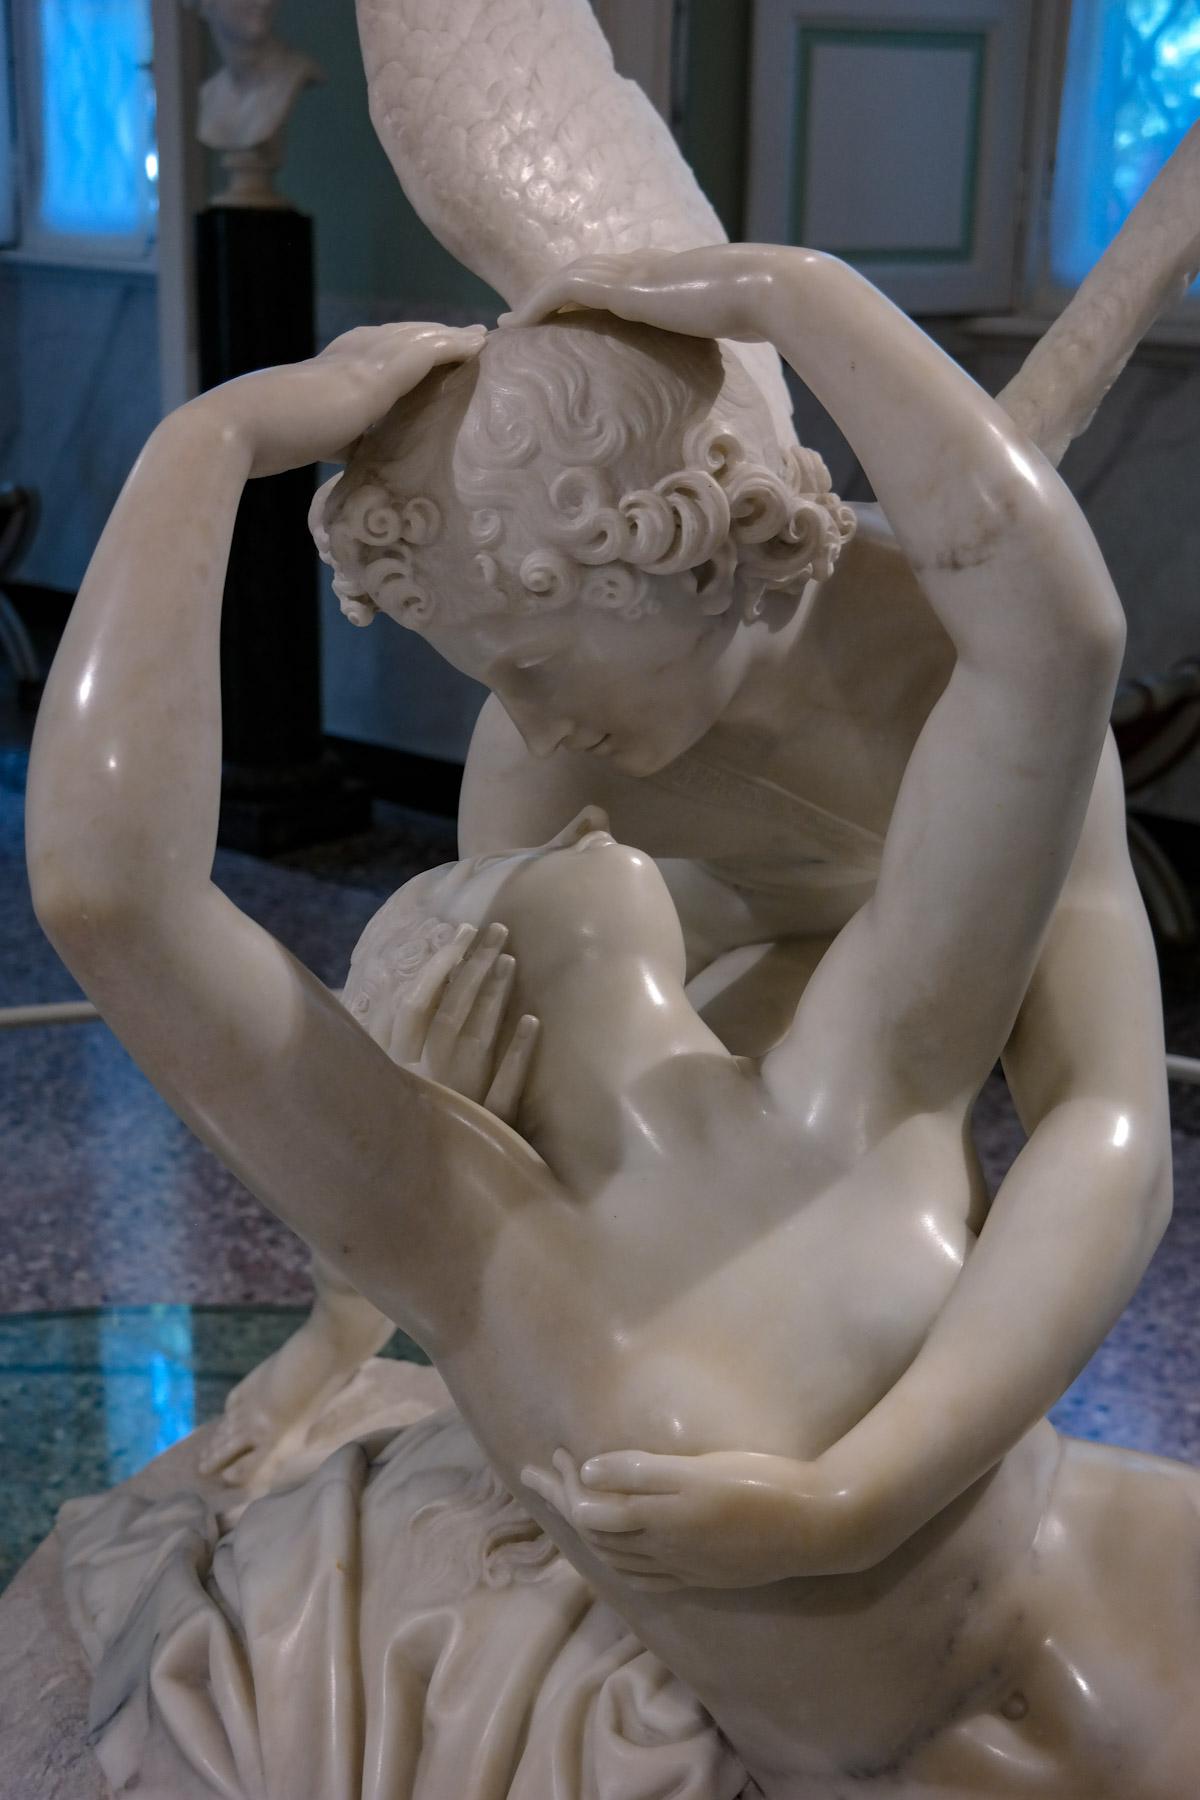 Adamo Tadolini's Cupid and Psyche, Villa Carlotta in Tremezzina, Italy